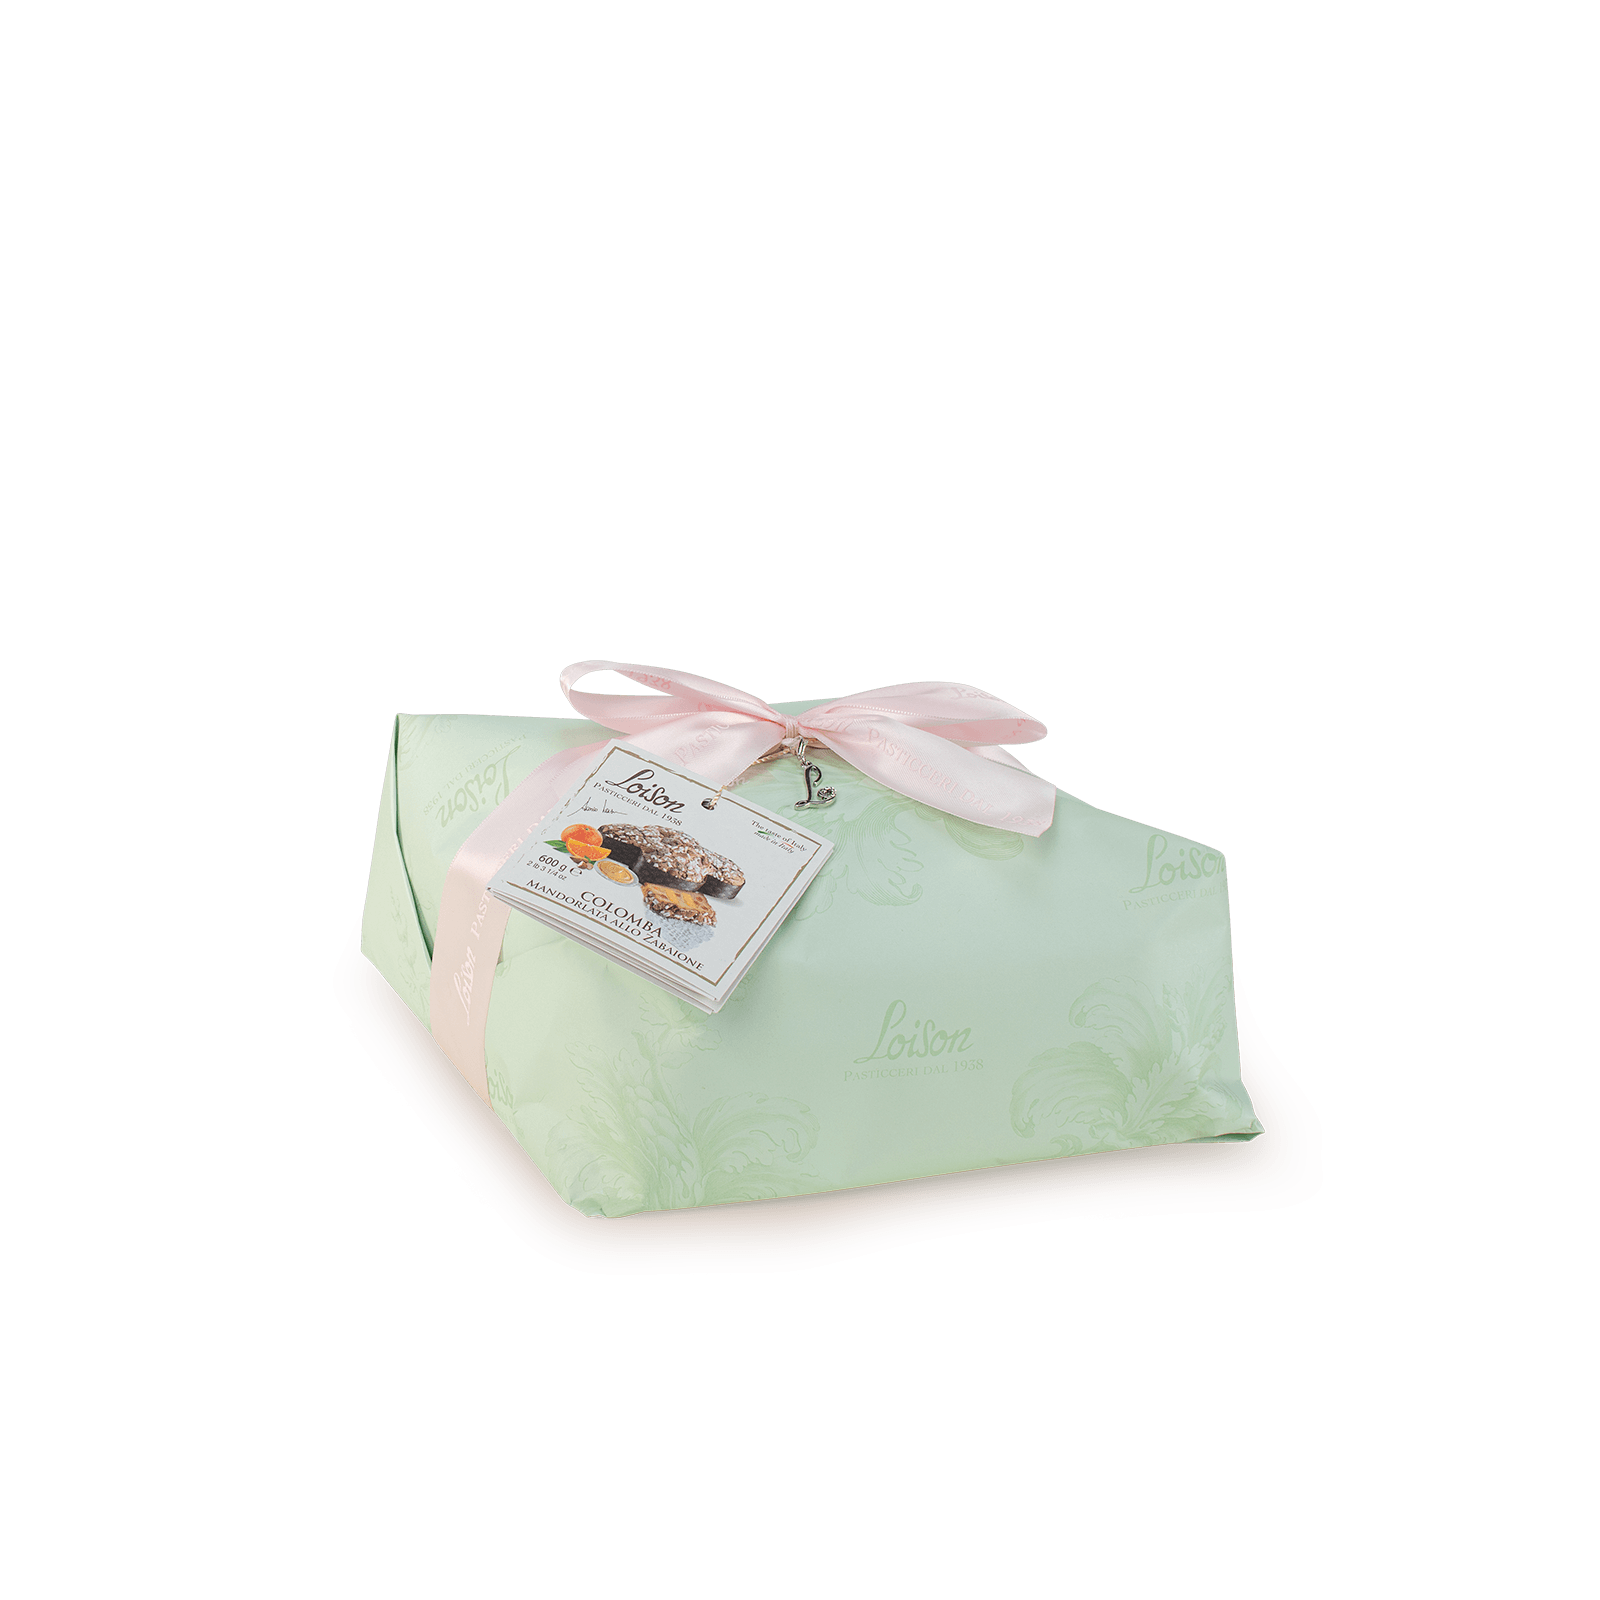 Colomba artigianale crema allo zabaione